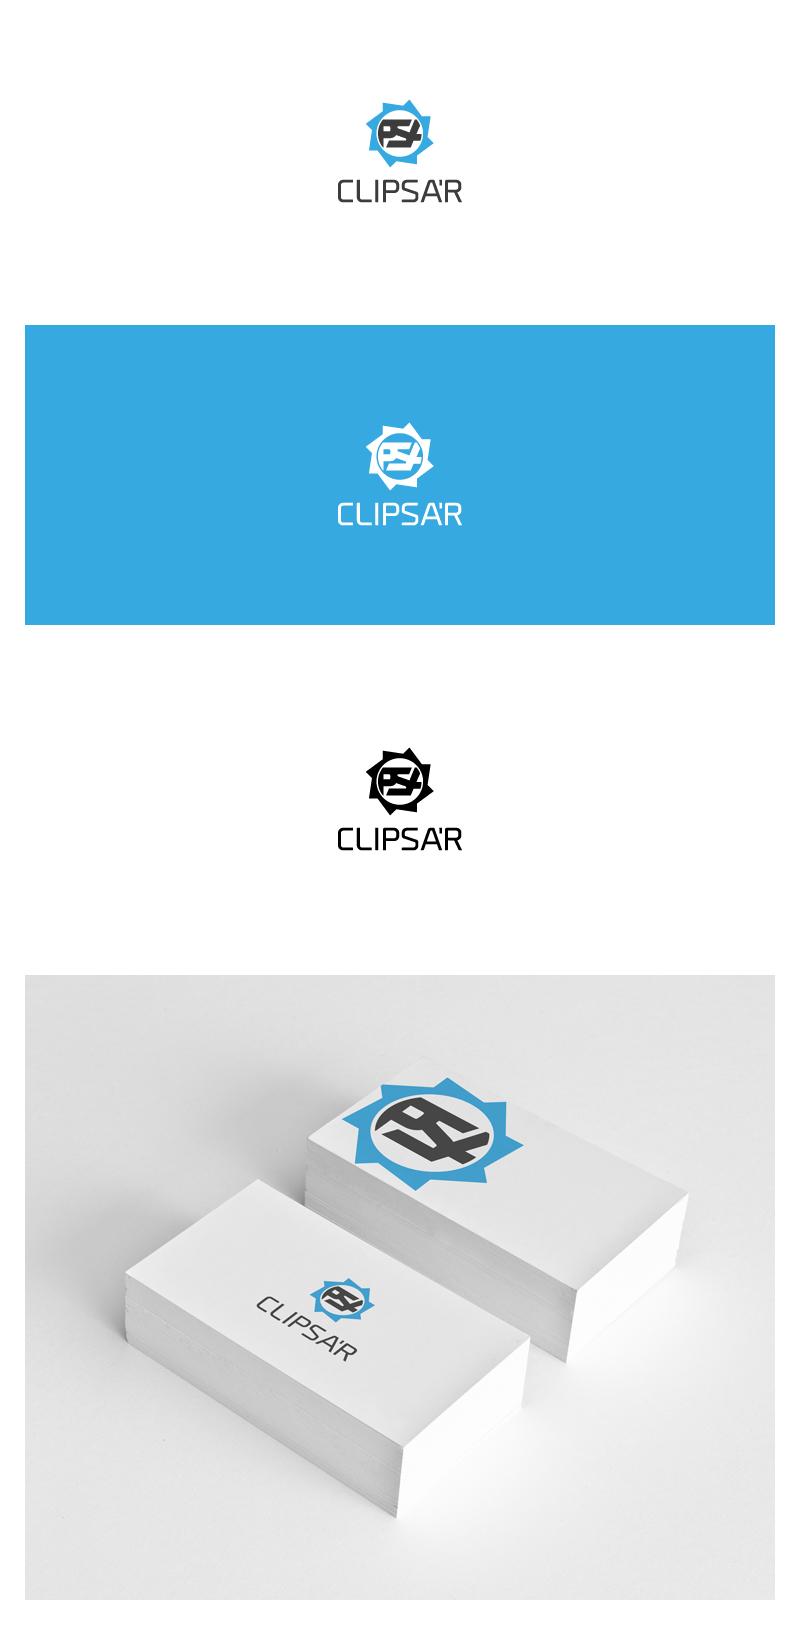 знак, логотип, CLIPSAR, ПромСтройАвтоматіка